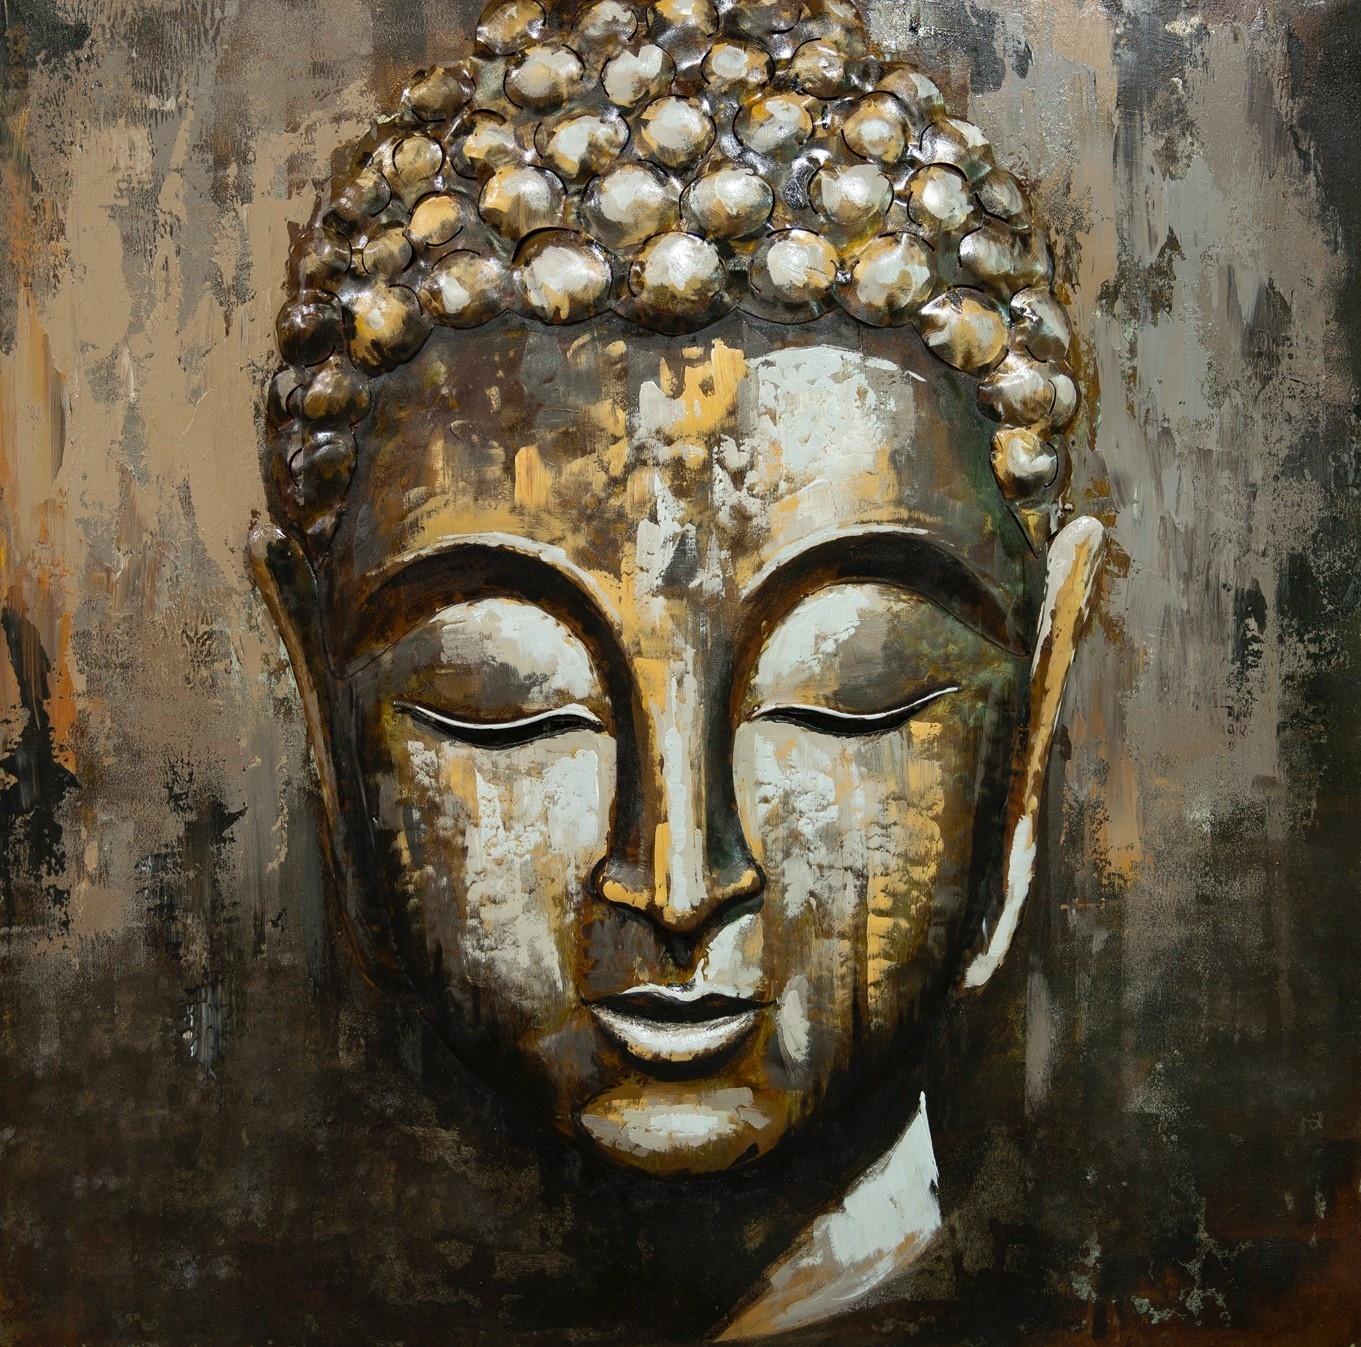 Schilderij - Metaalschilderij - Boeddha, metaal met de hand geschilderd, 100x100cm